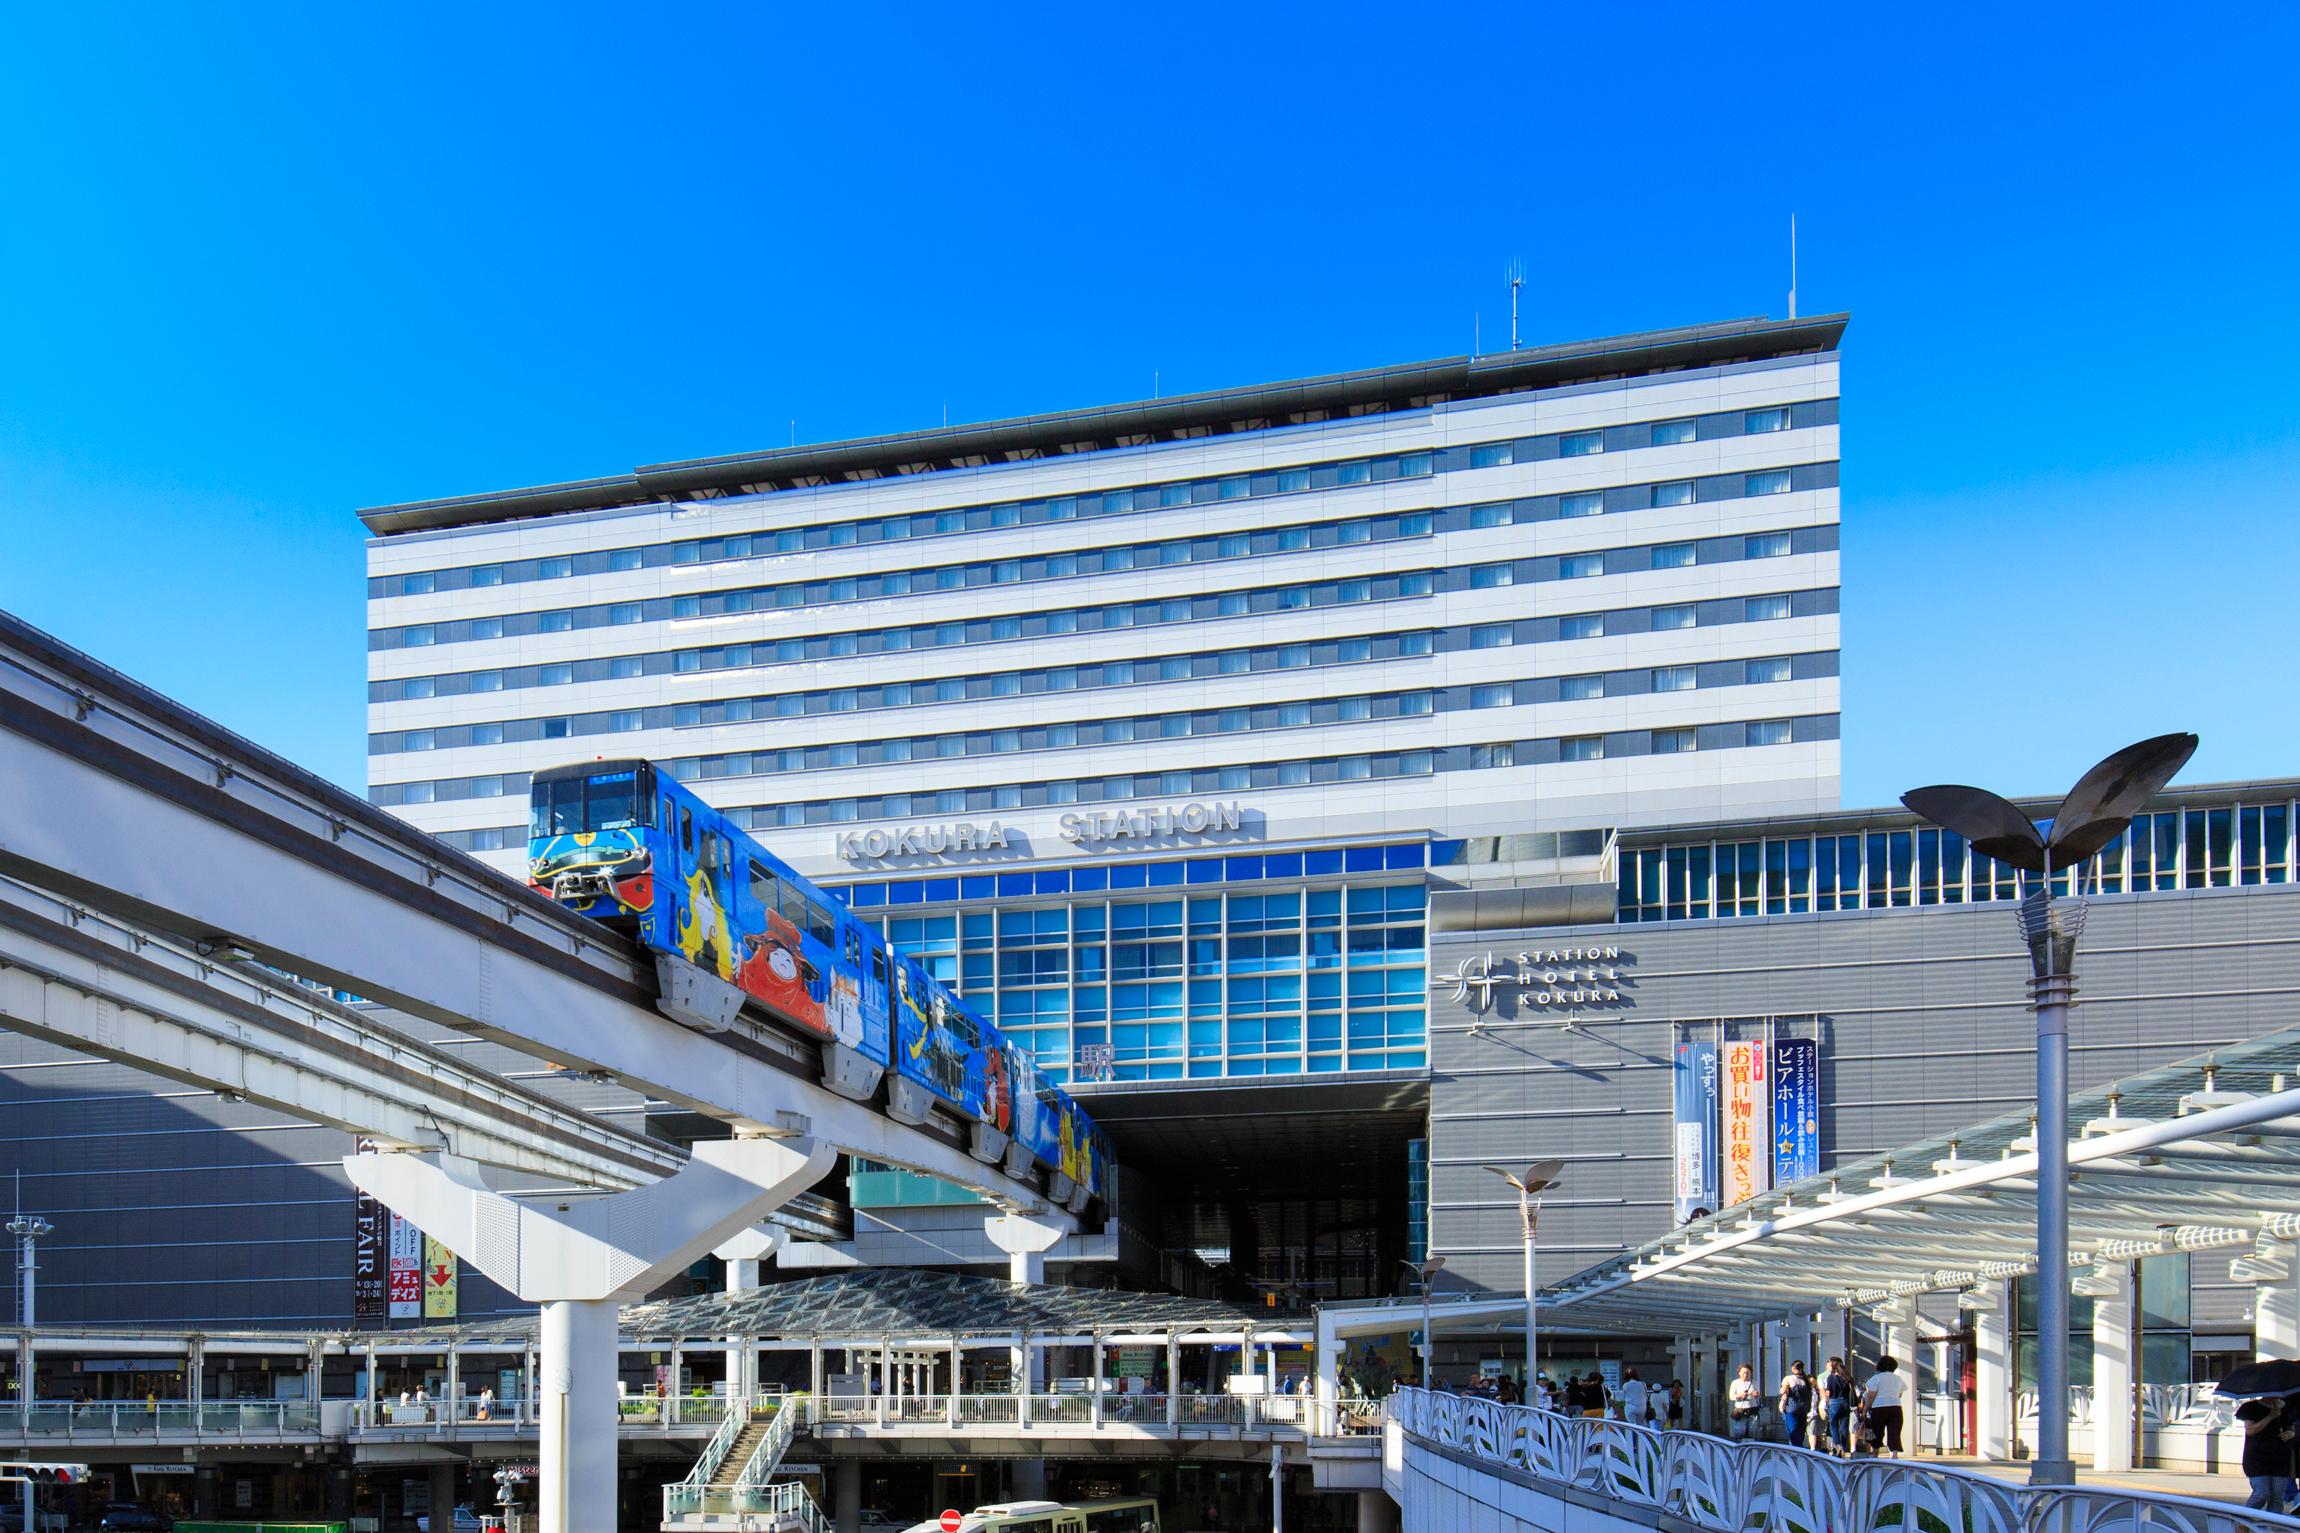 小倉駅直結「JR九州ステーションホテル小倉」に荷物預かりサービスecbo cloak導入!